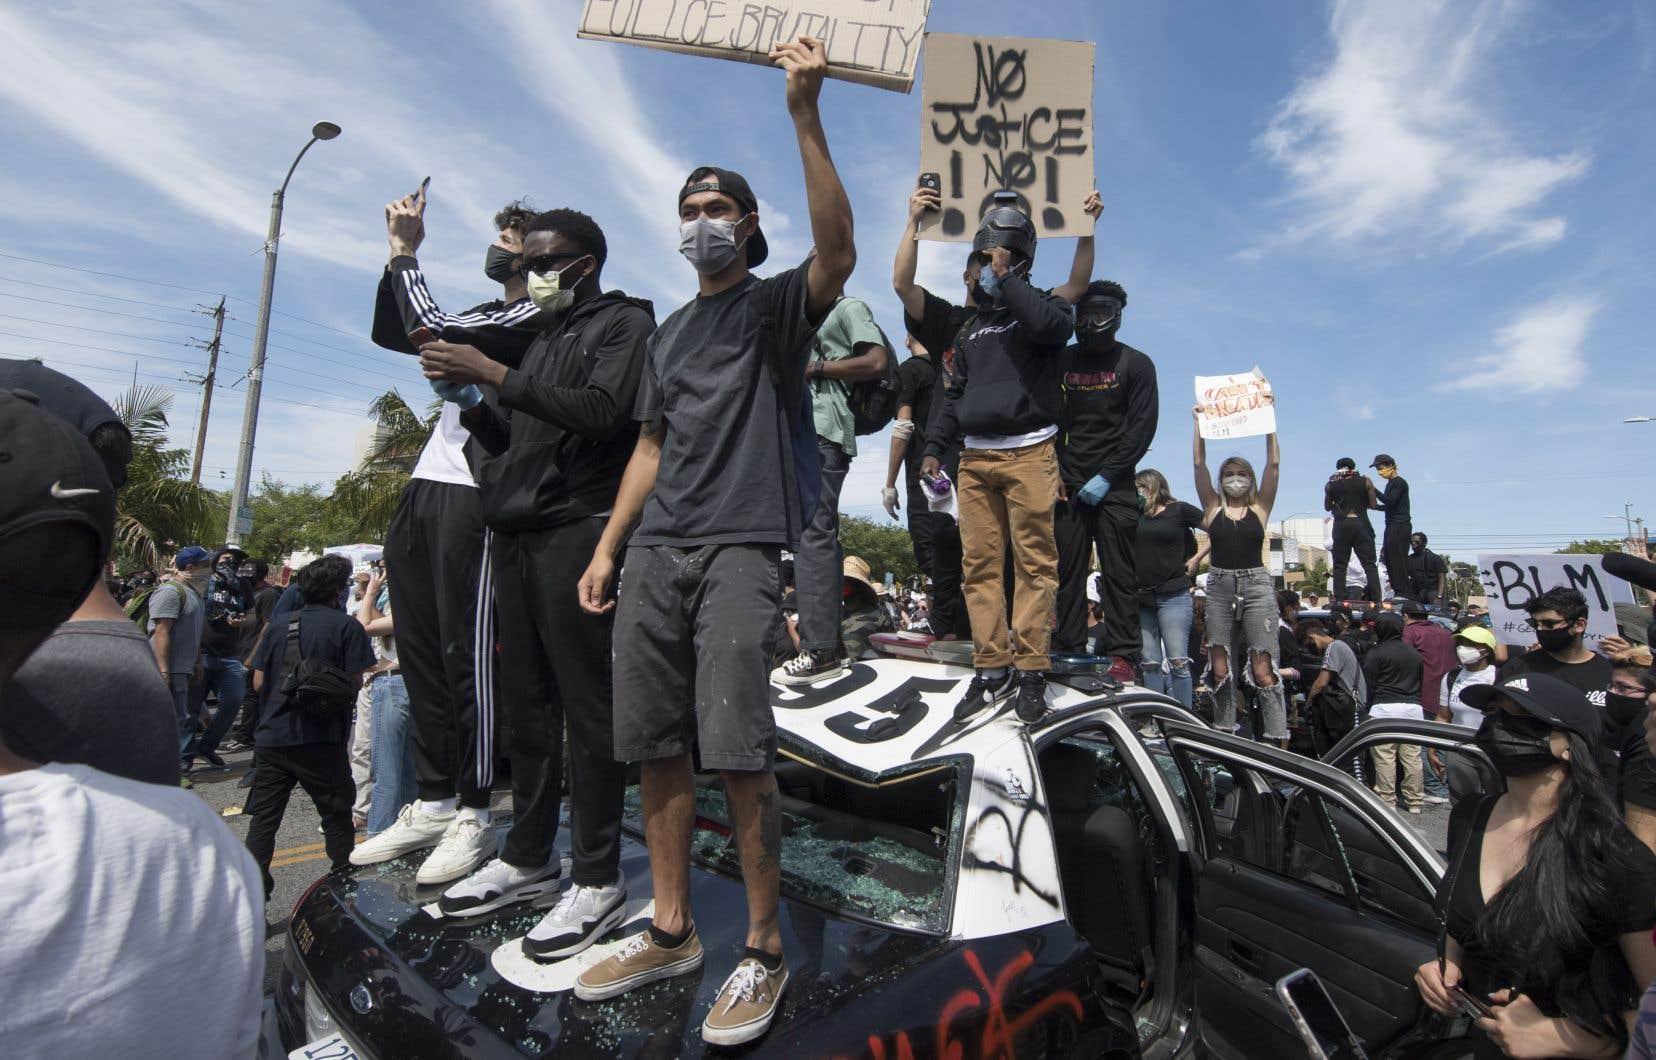 Des manifestants se tiennent debout sur une voiture de police vandalisée pour protester contre la violence policière à Los Angeles, samedi.